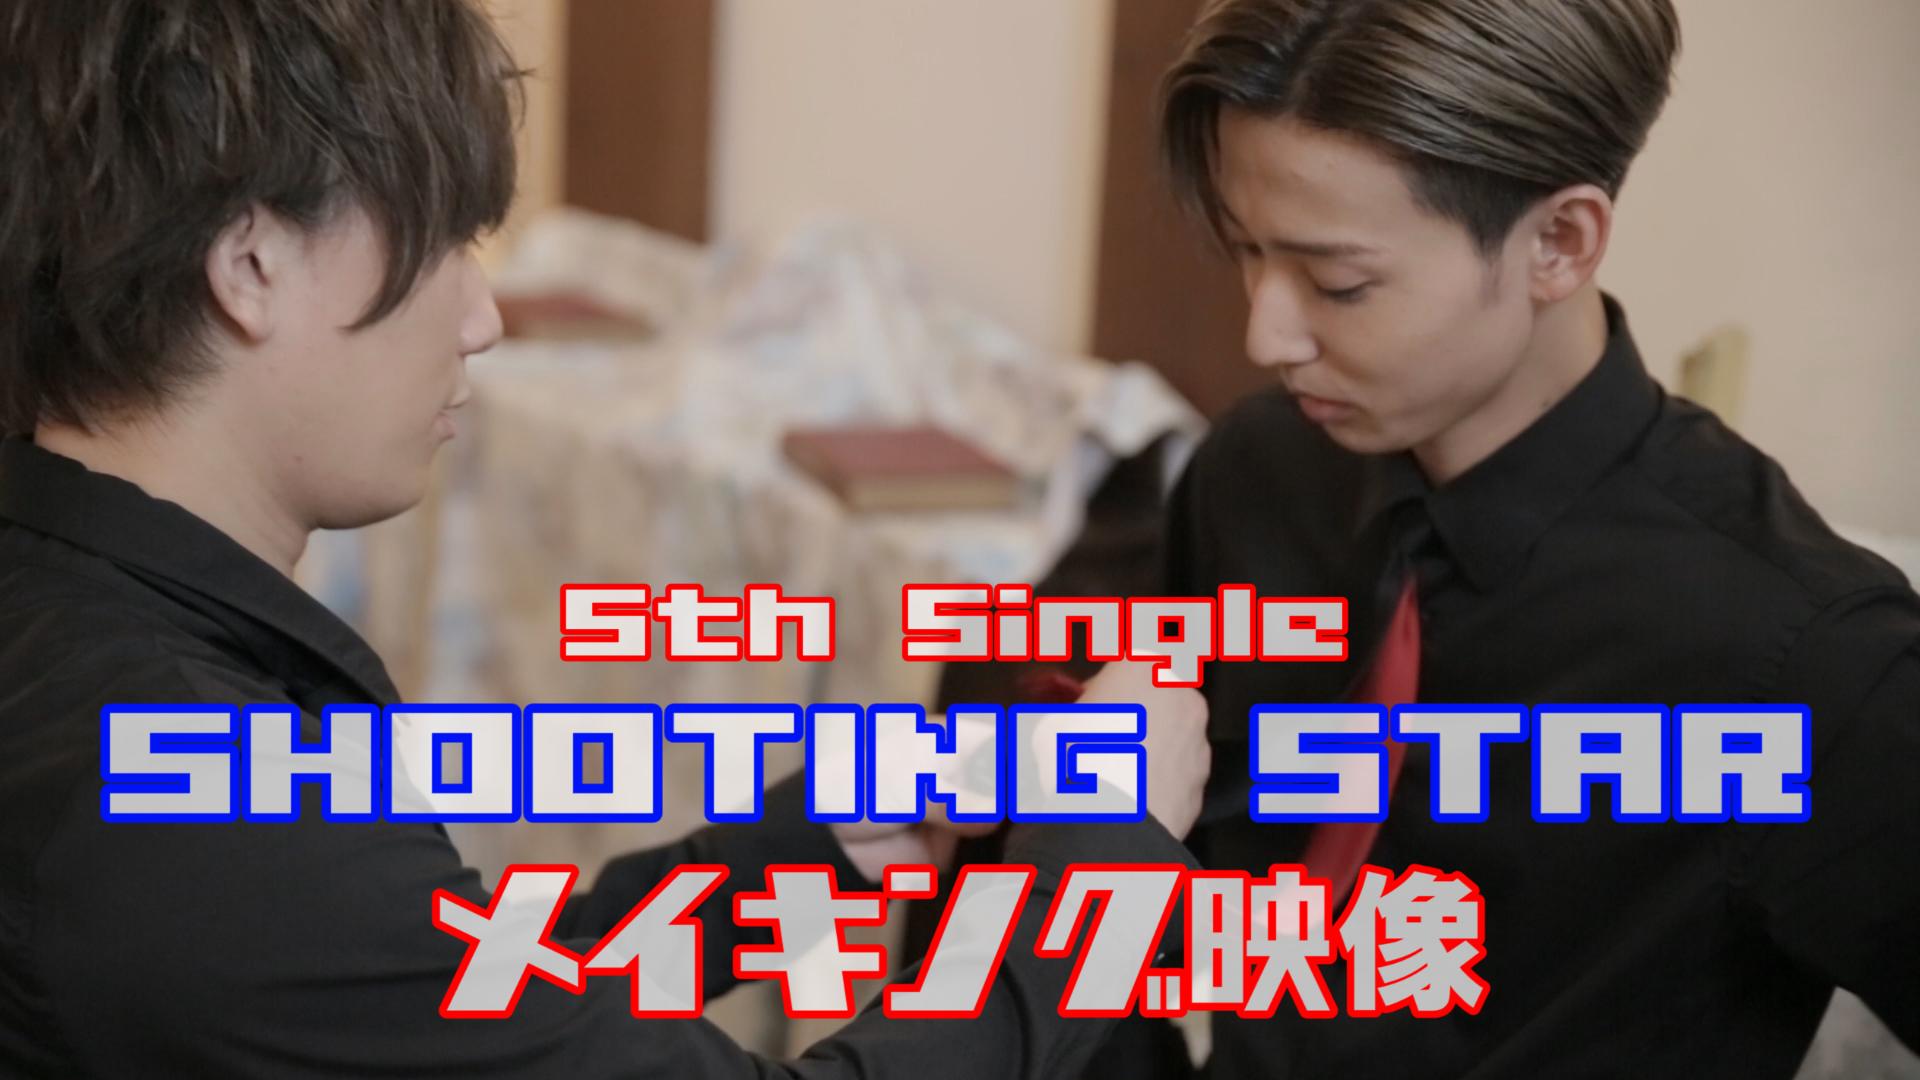 【NEWS】「SHOOTING STAR」MVメイキング映像公開